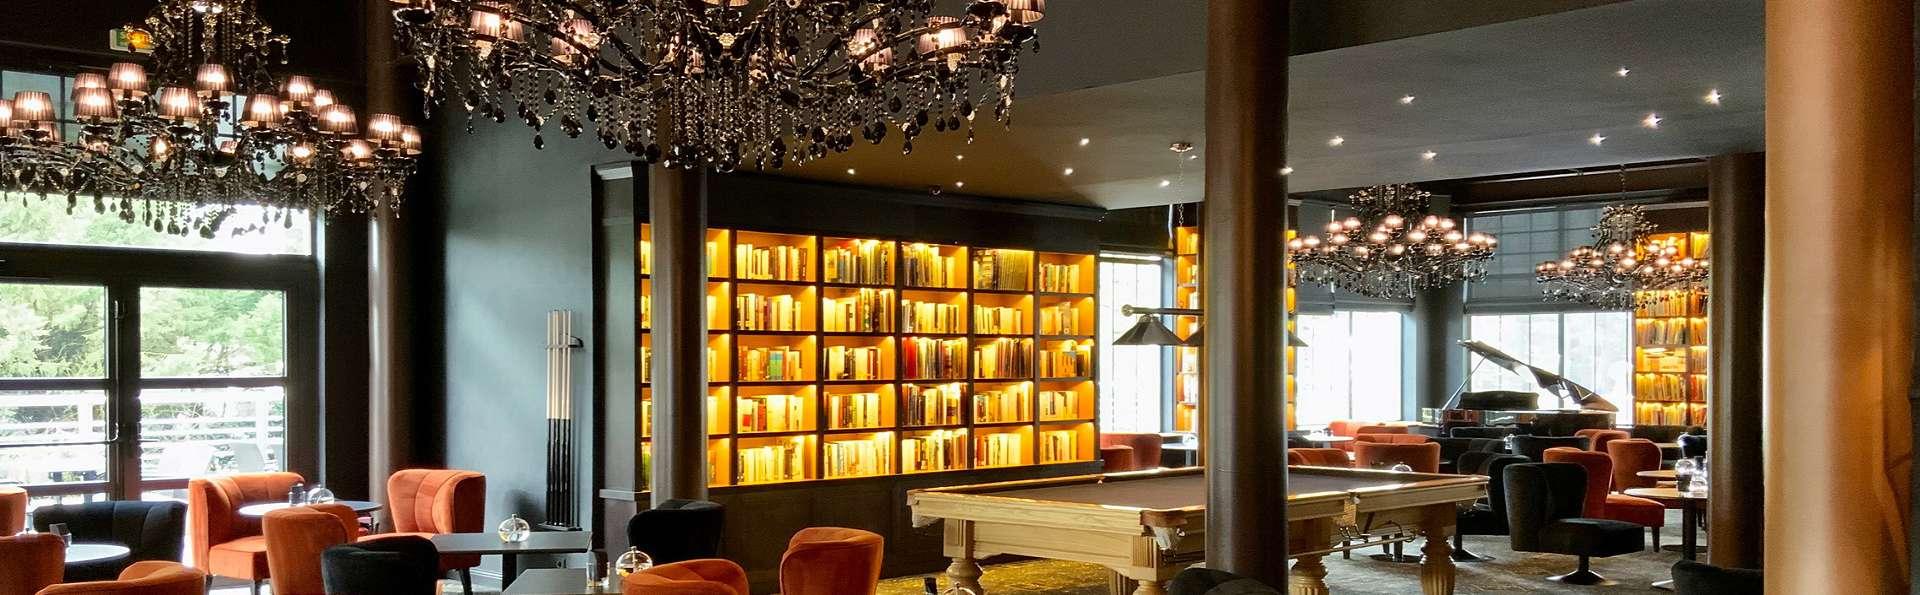 Le Grand Hôtel Le Touquet-Paris-Plage - 006photo.jpg